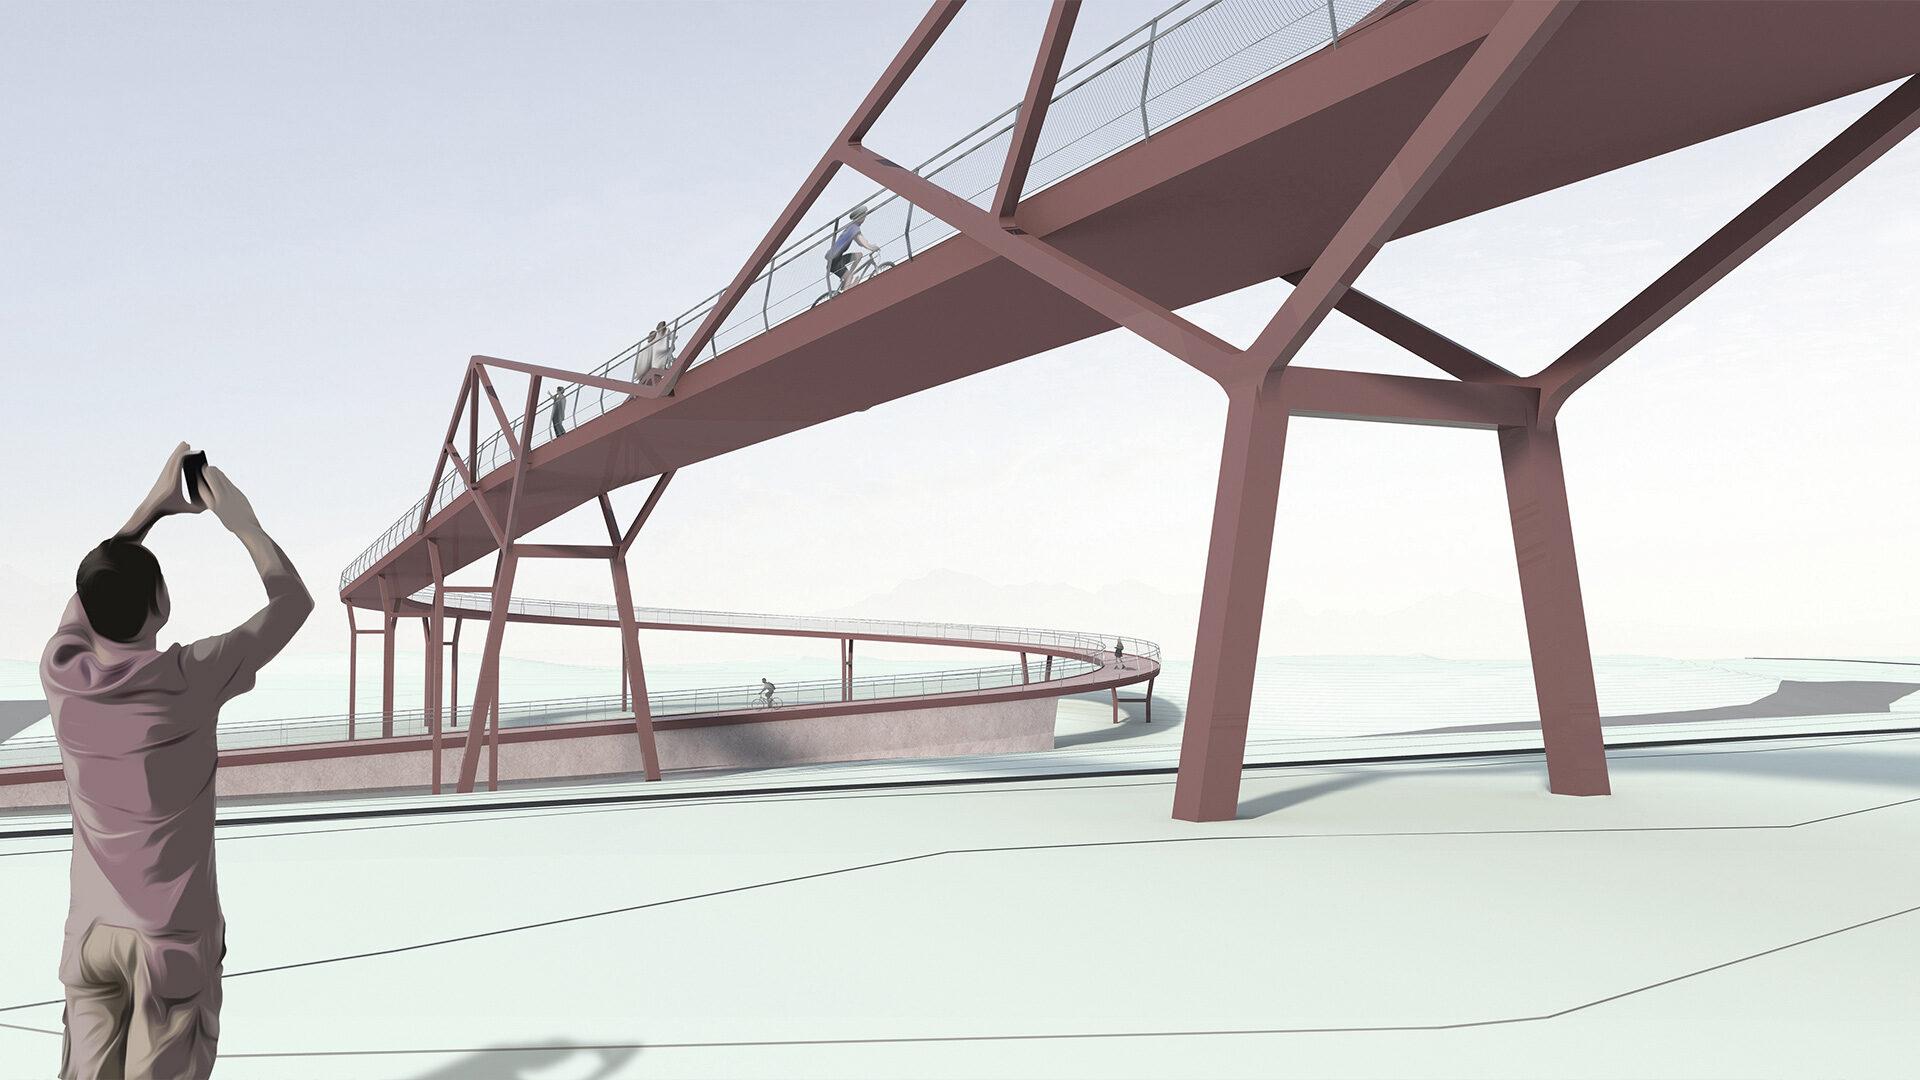 Haldensprung IGA, Dortmund | Sauerzapfe Architekten